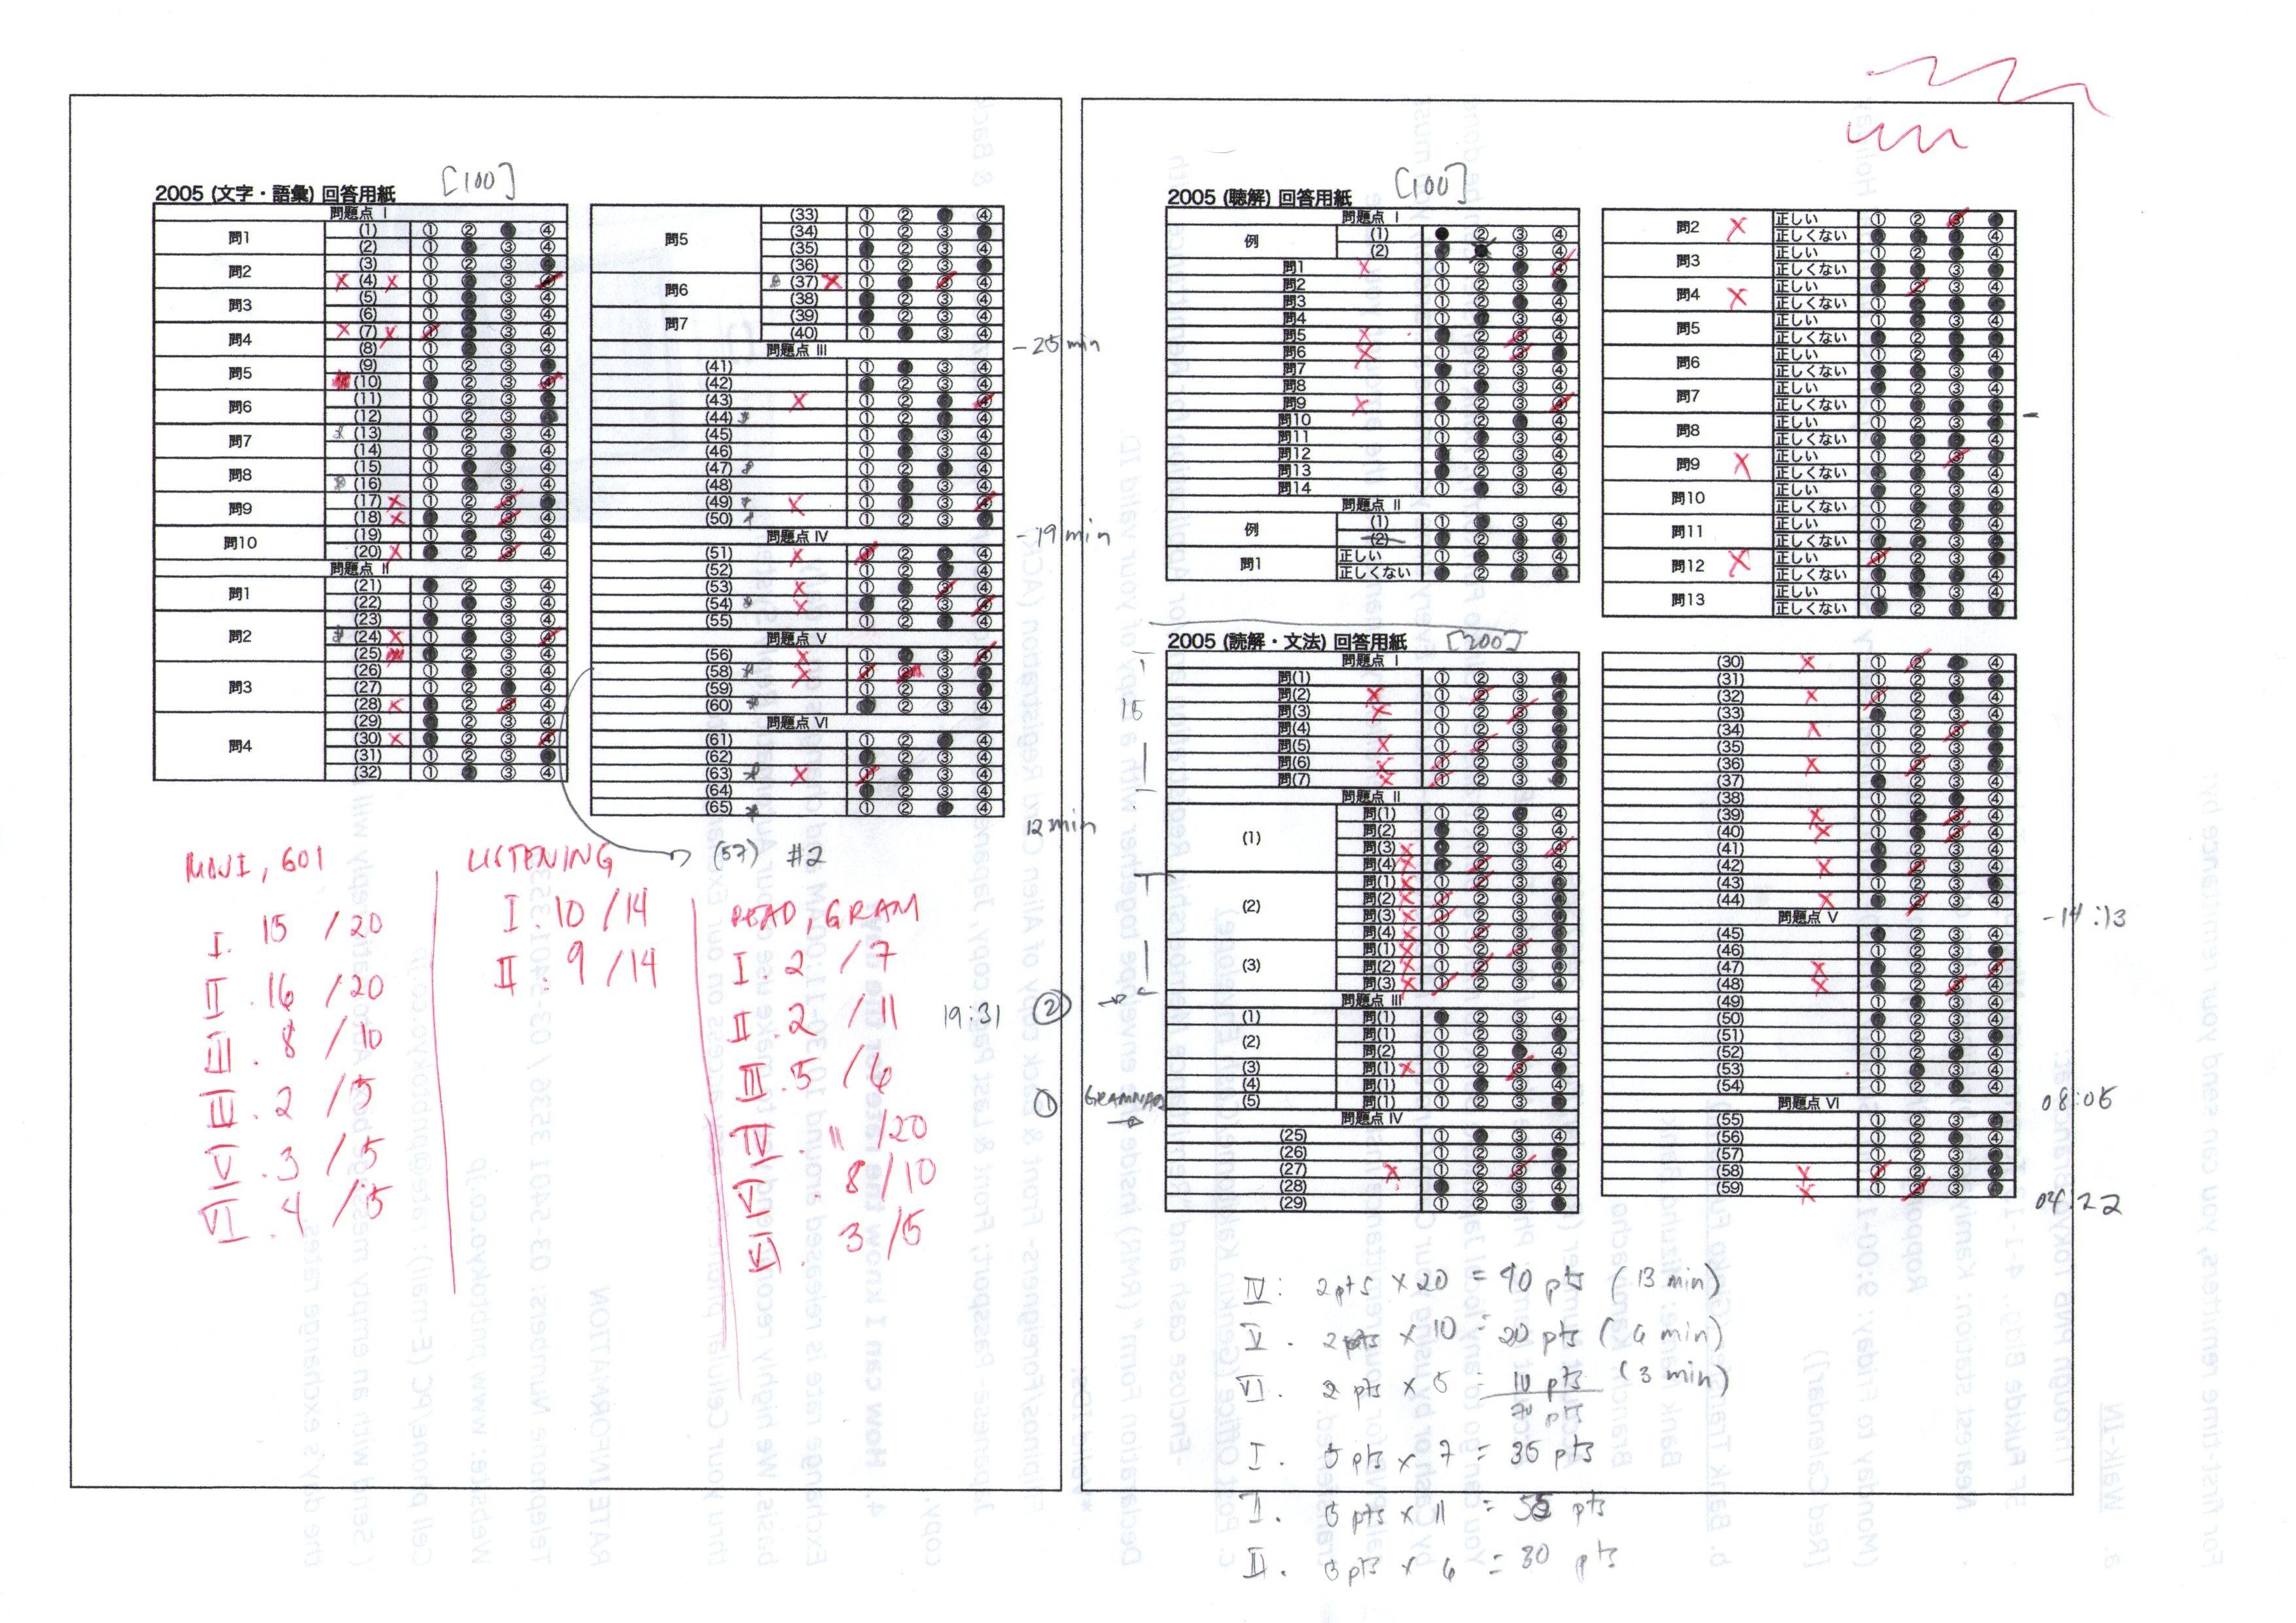 Practice JLPT Exam Results (2005 & 2006) – 日本語の勉強